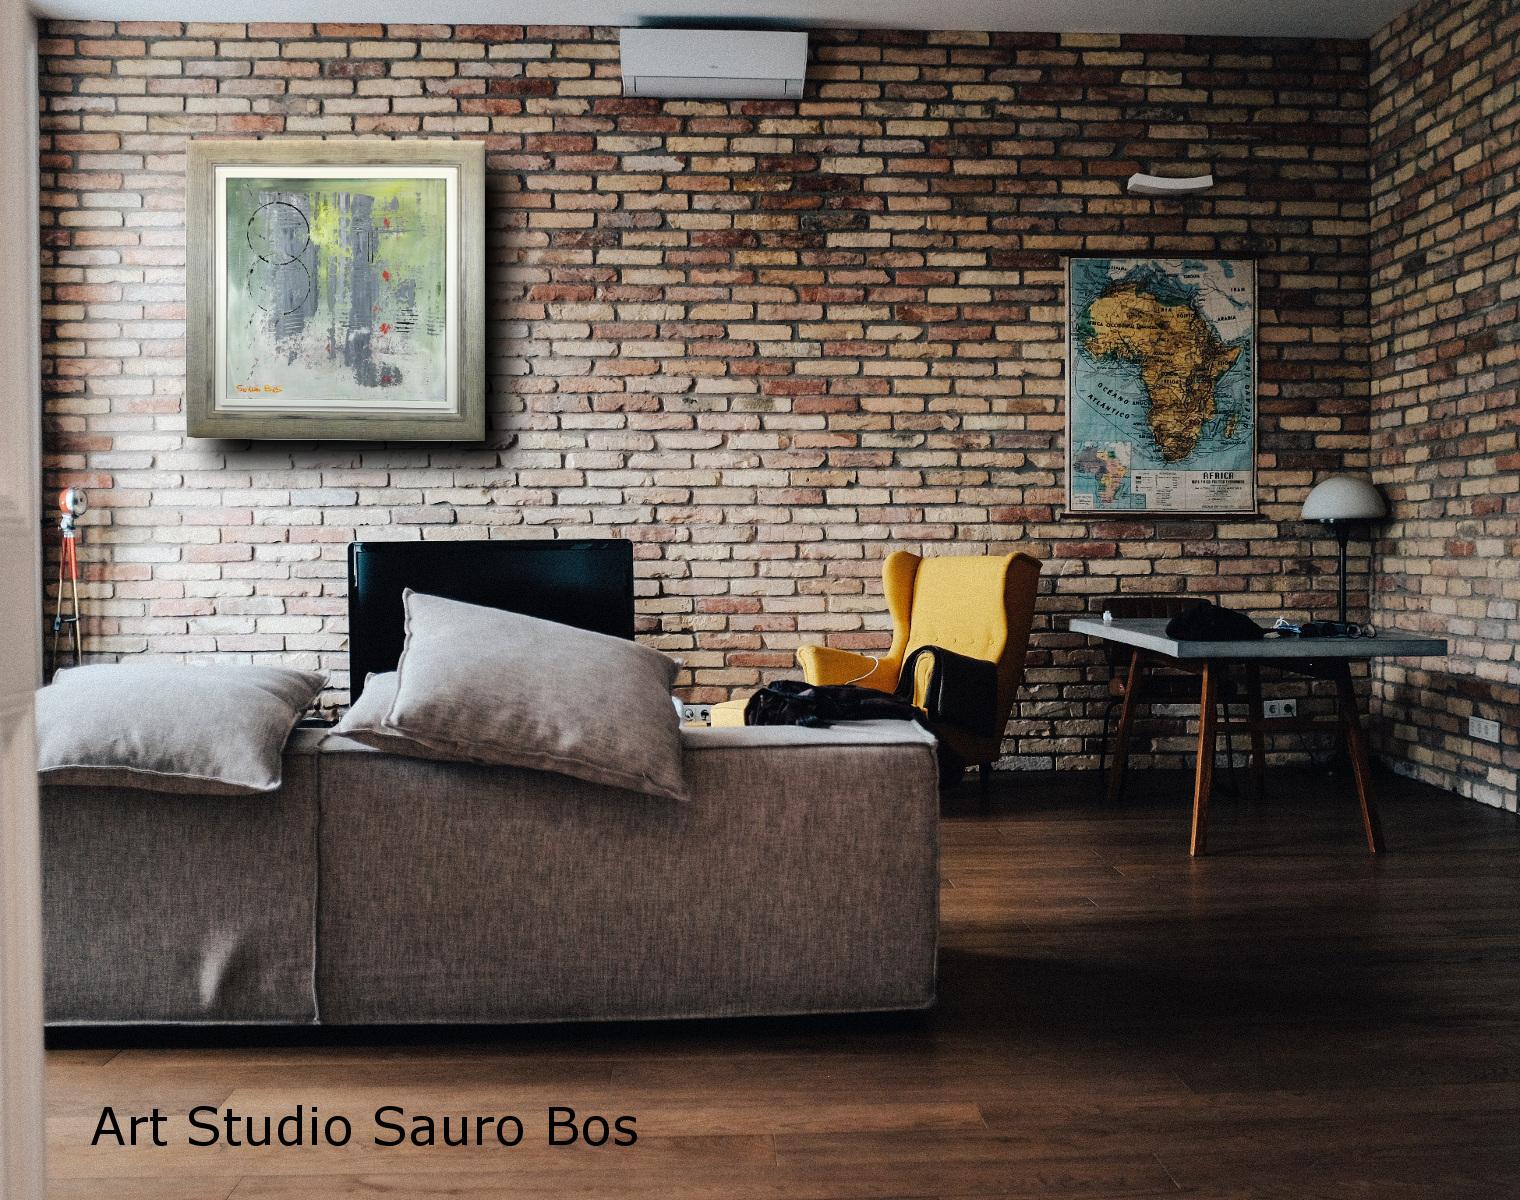 astratto chiaro c019 1 - quadro-astratto-con-cornice-moderna-chiarista